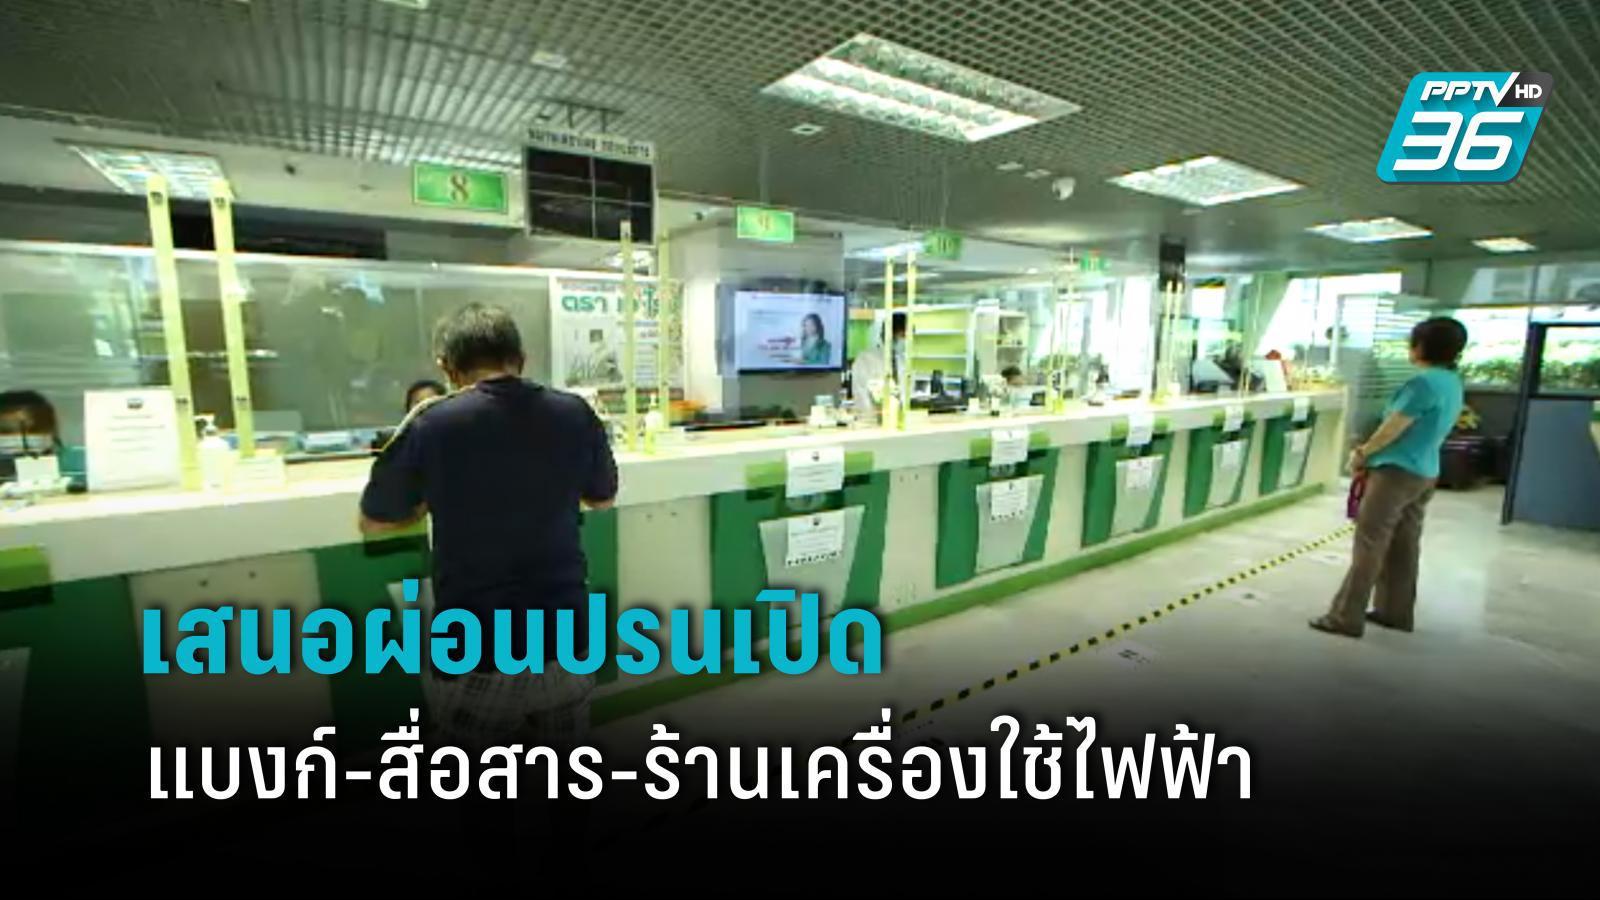 """""""สมาคมศูนย์การค้าไทย"""" เสนอรัฐผ่อนปรนเปิด ธนาคาร-สื่อสาร-ร้านเครื่องใช้ไฟฟ้า"""